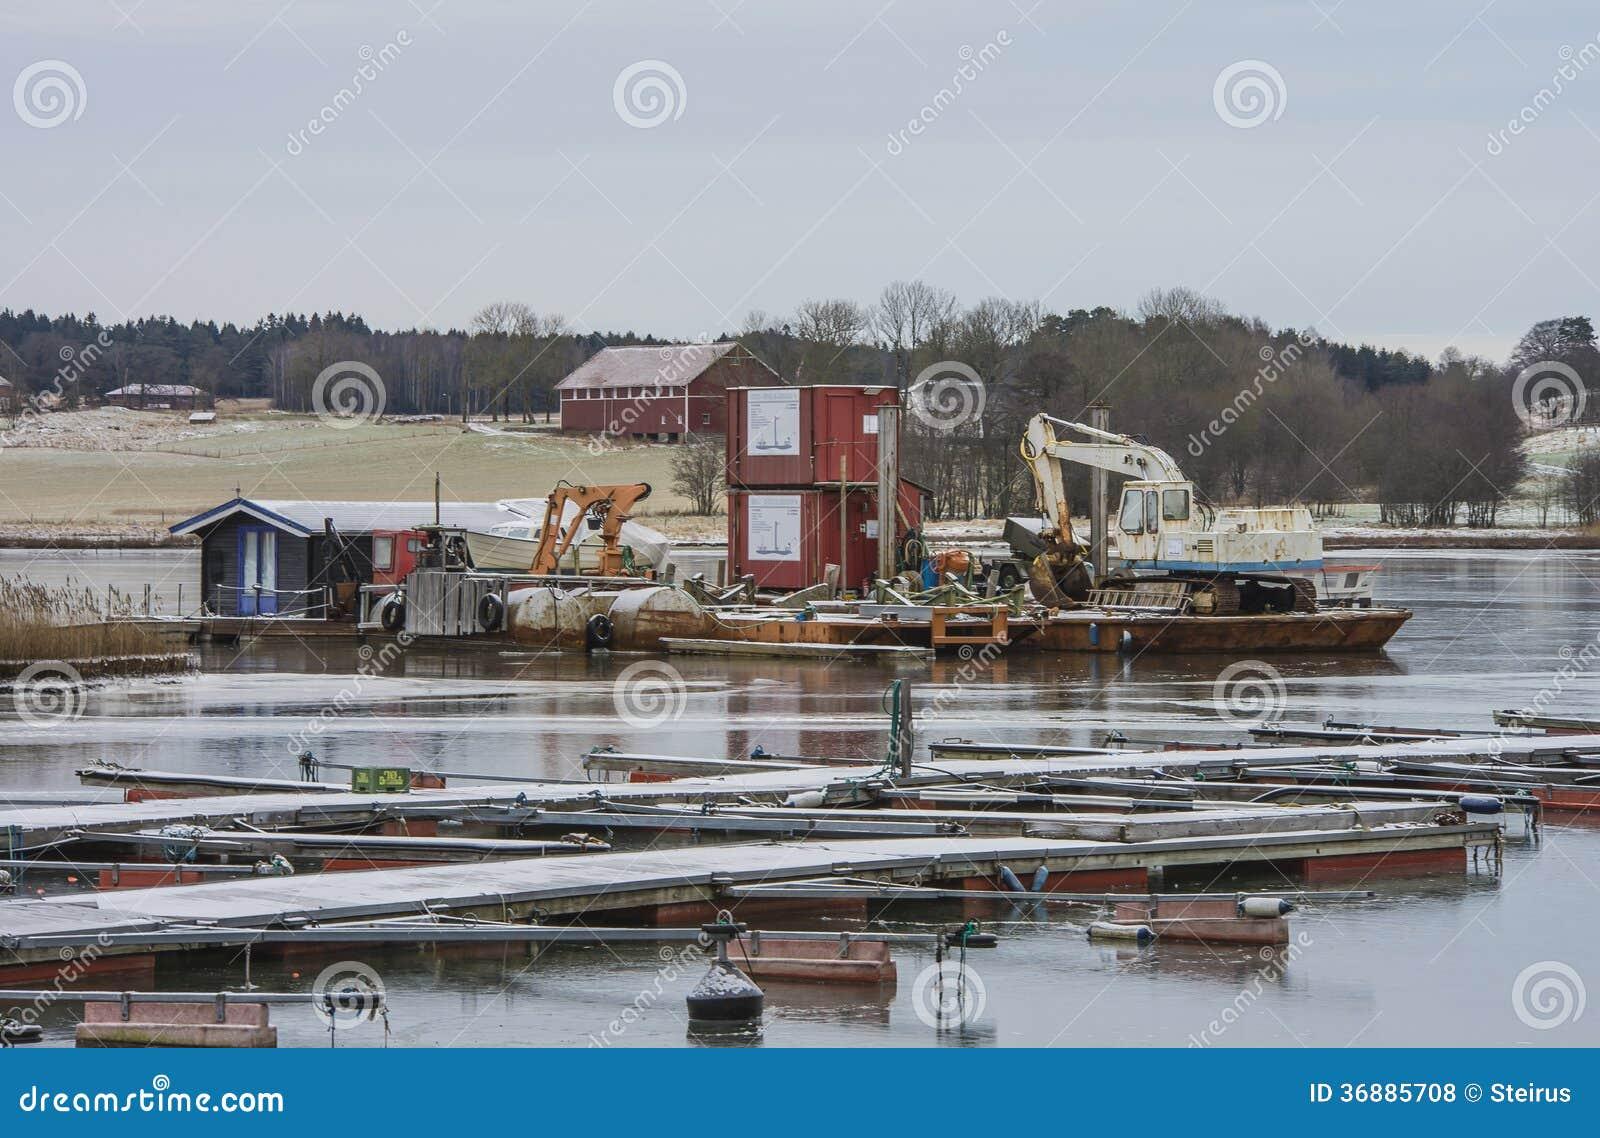 Download Carrozzina Del Fango Con L'escavatore E L'attrezzatura Fotografia Stock Editoriale - Immagine di litorale, bacino: 36885708